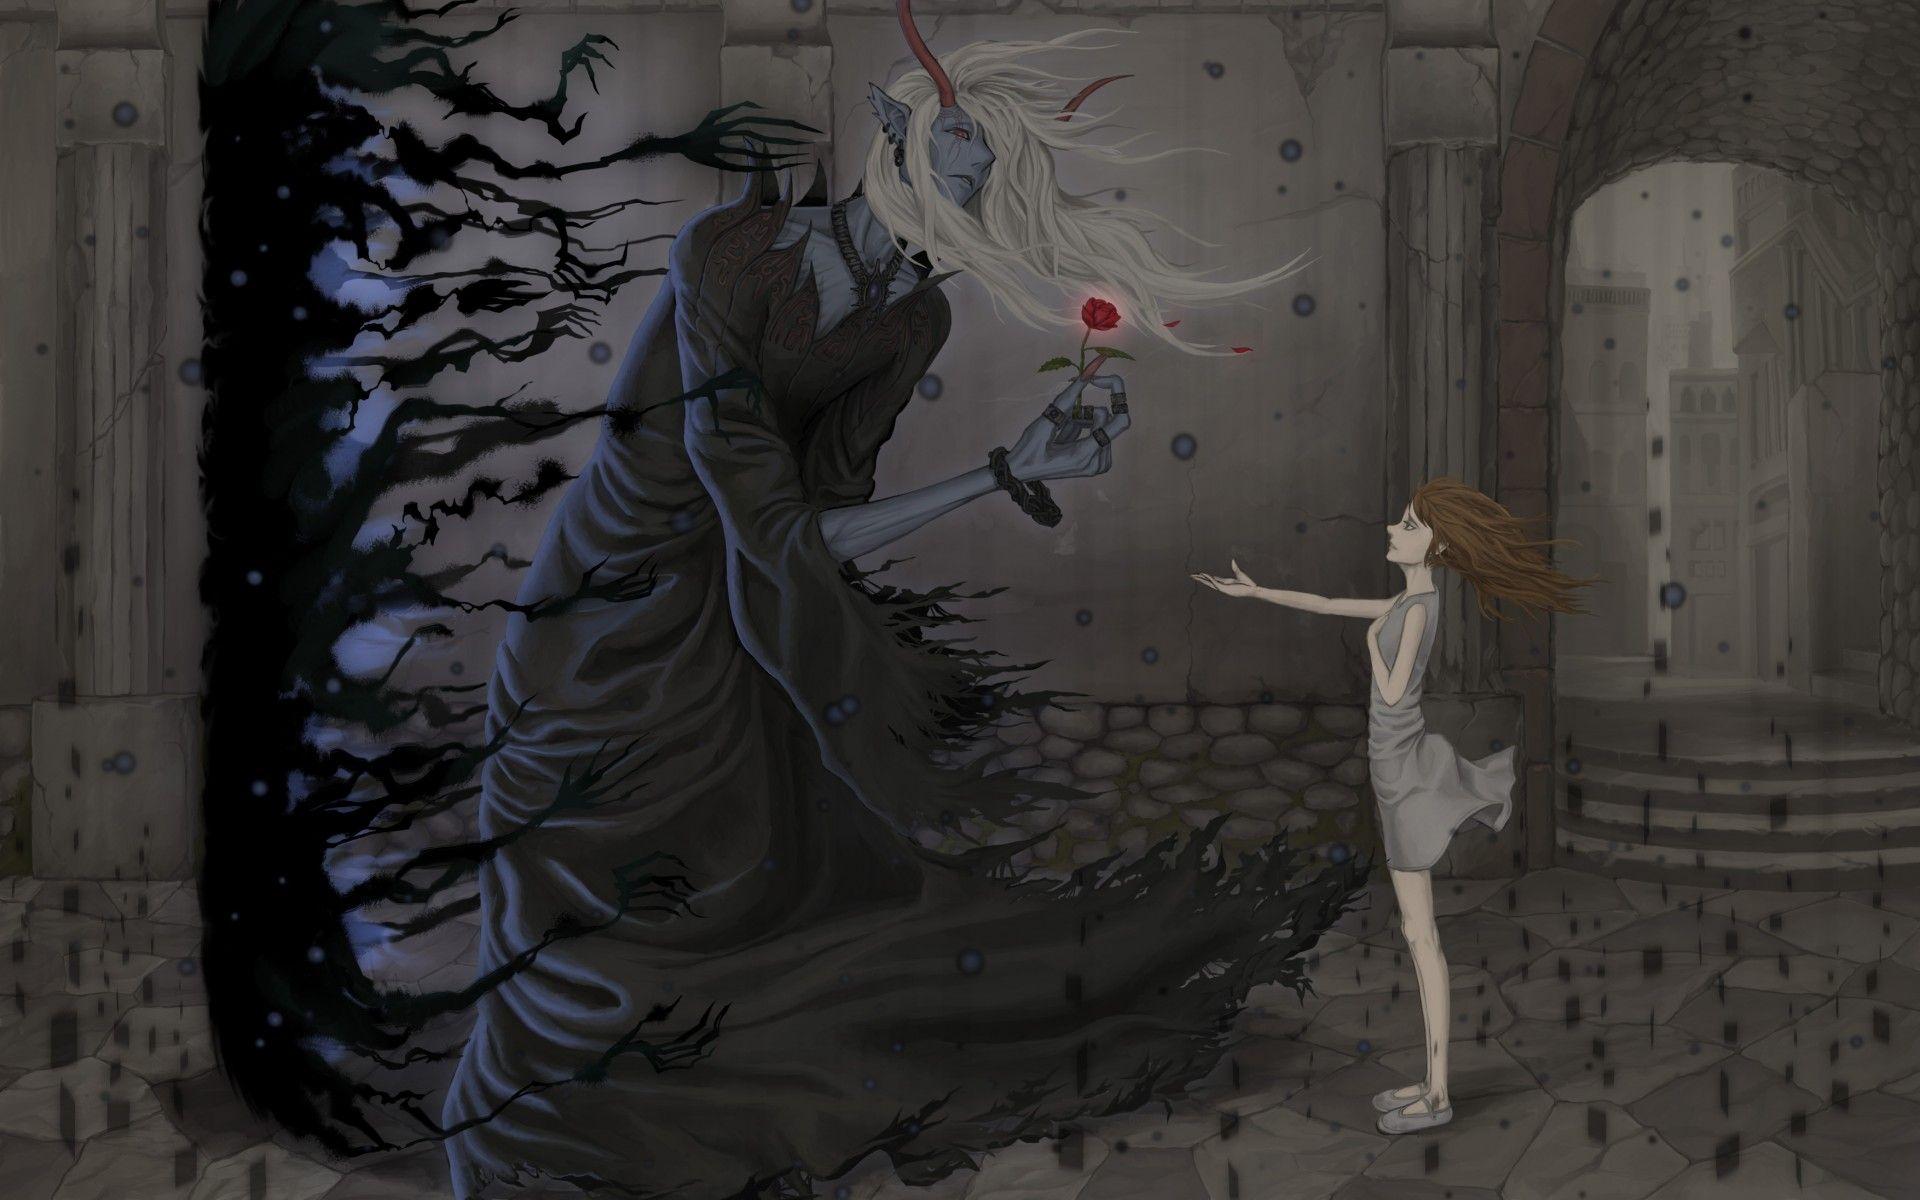 Half Demon Anime Girl original anime dark fantasy demon